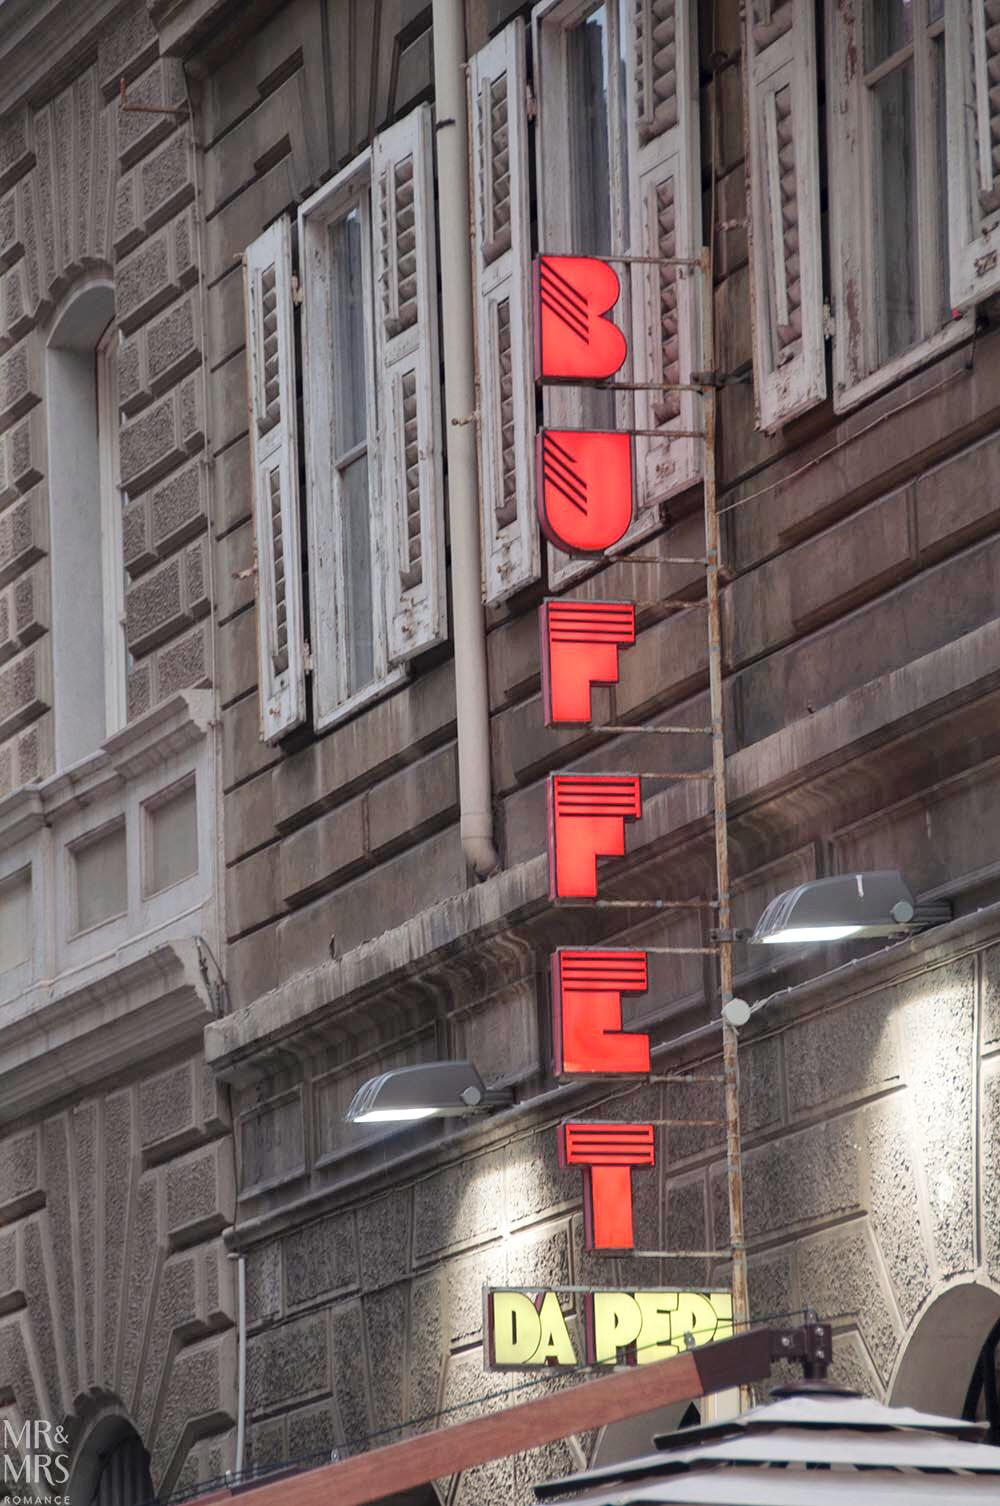 Trieste guide - Buffet da Pepi